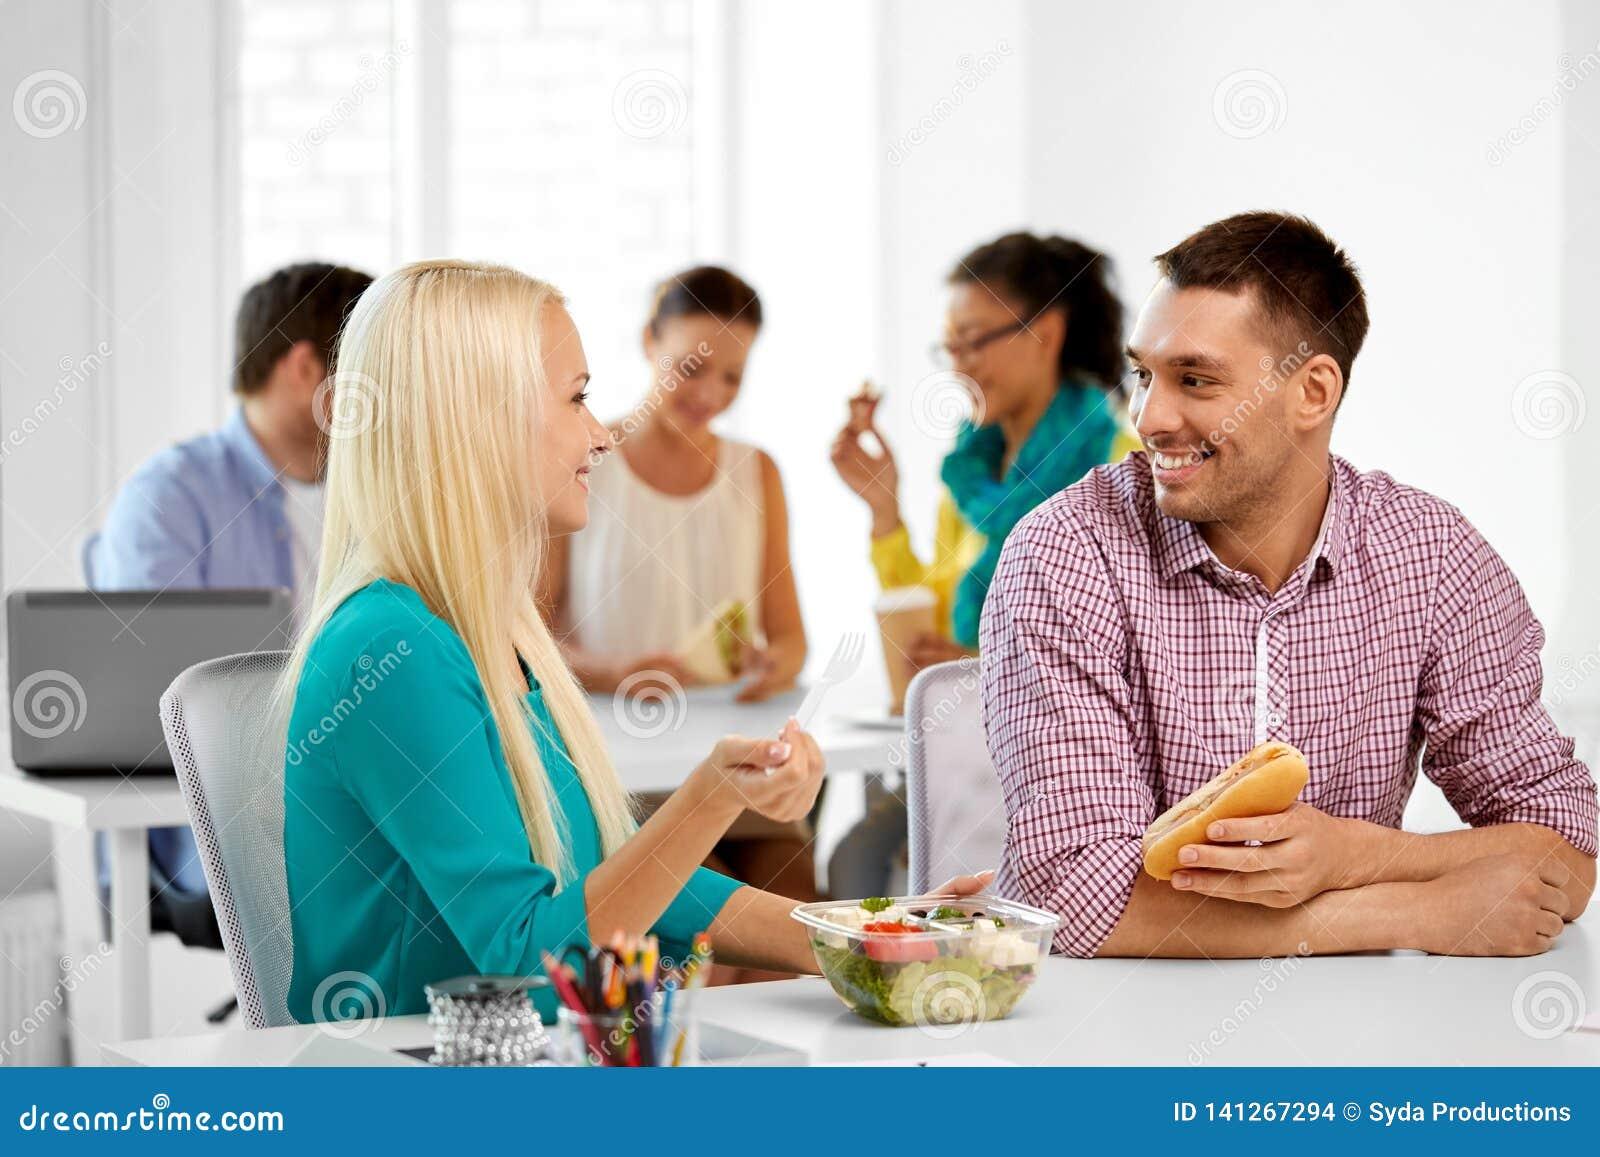 Glückliche Kollegen, die zu Mittag essen und im Büro essen